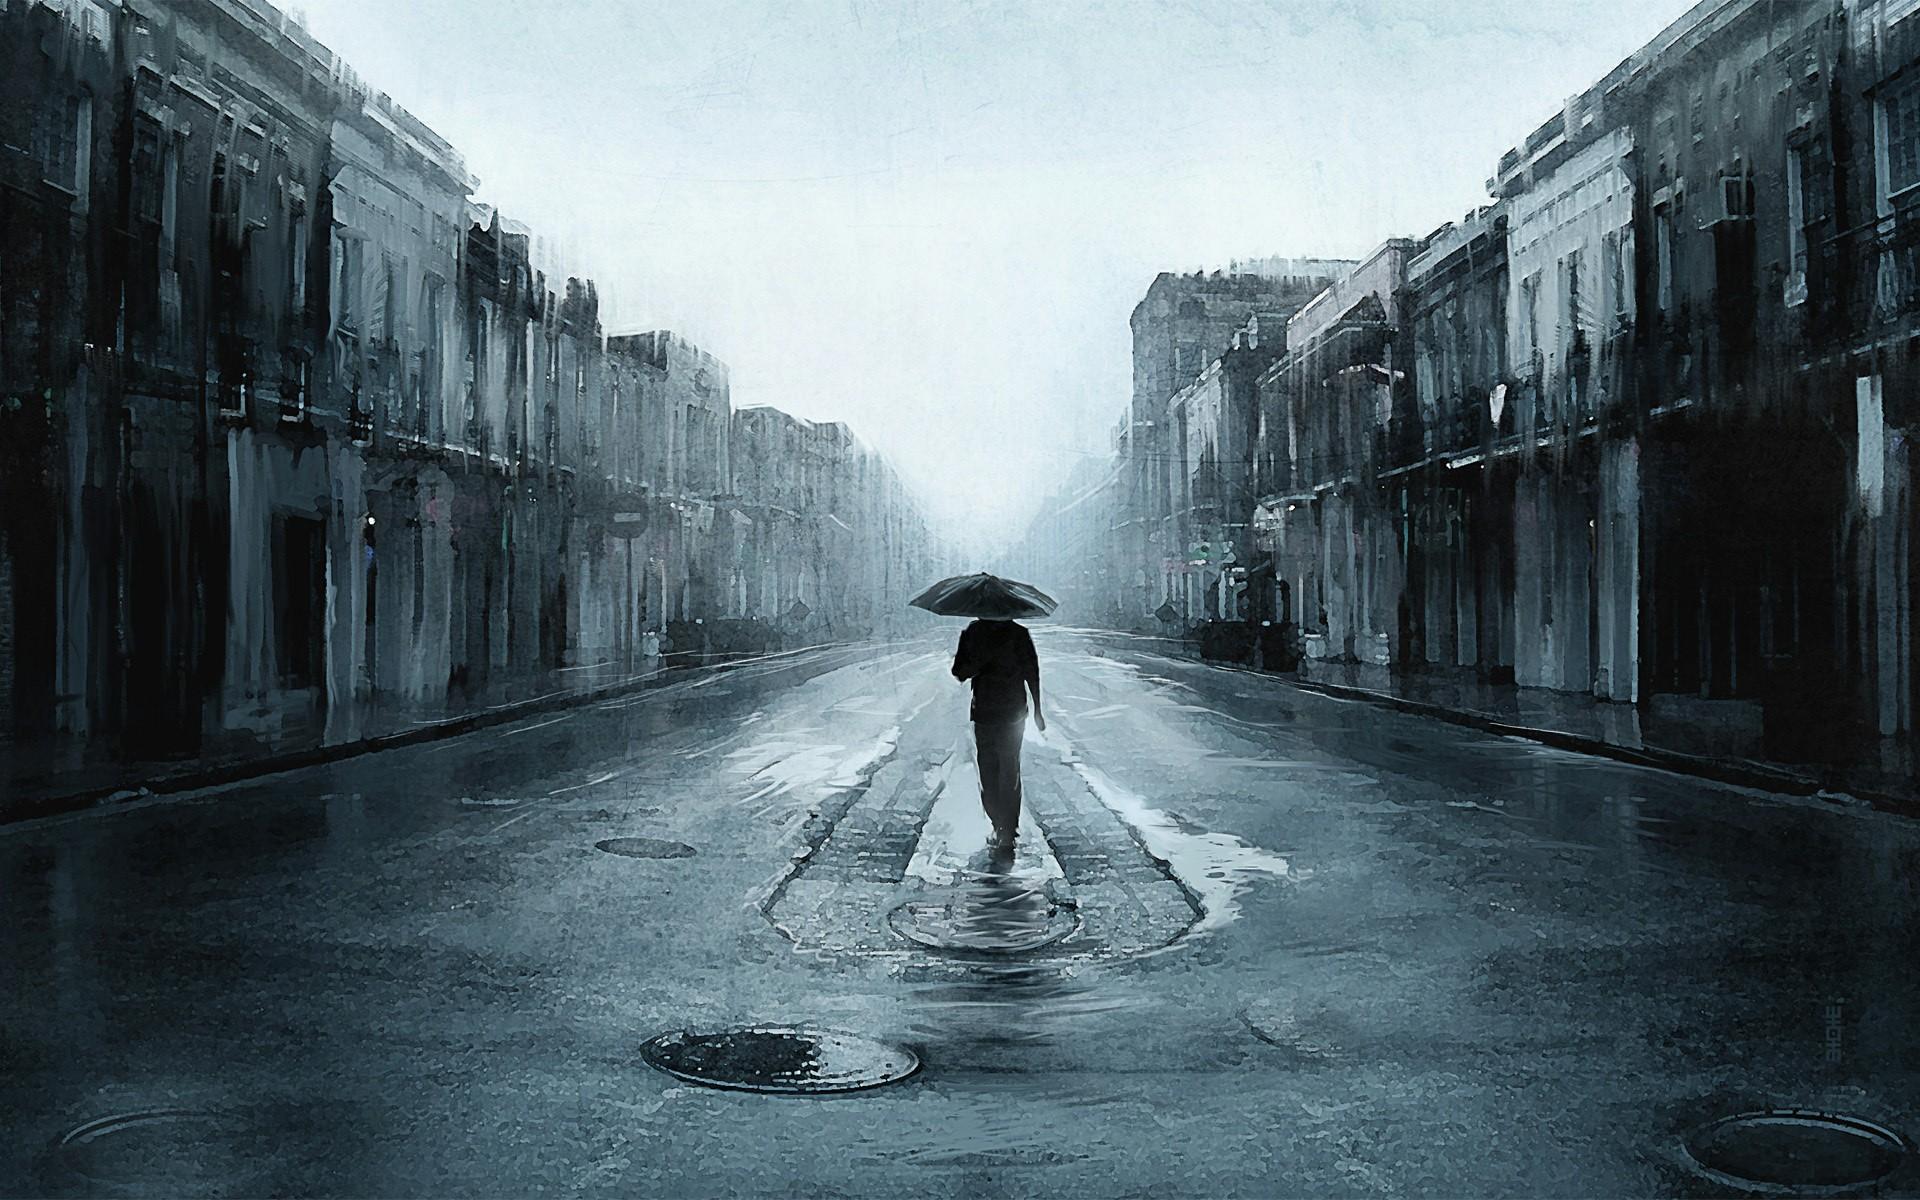 Tổng hợp hình ảnh buồn cô đơn và đầy tâm trạng